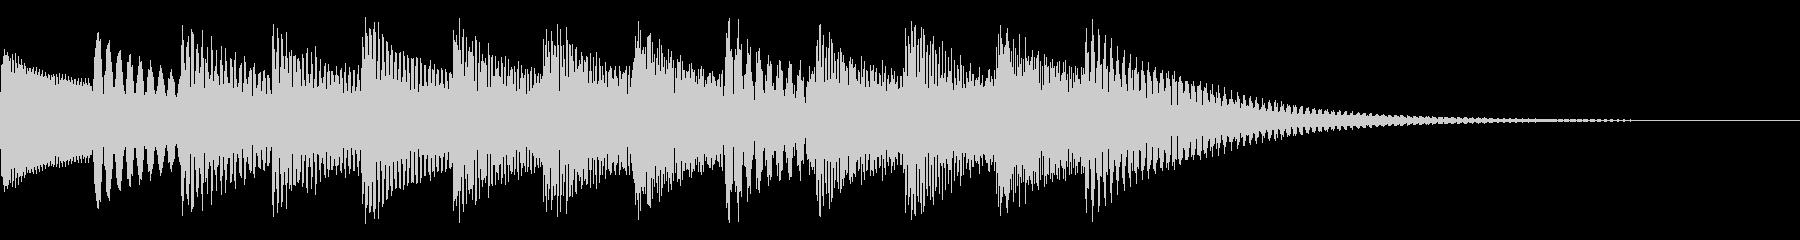 インフォメーションの音楽の未再生の波形